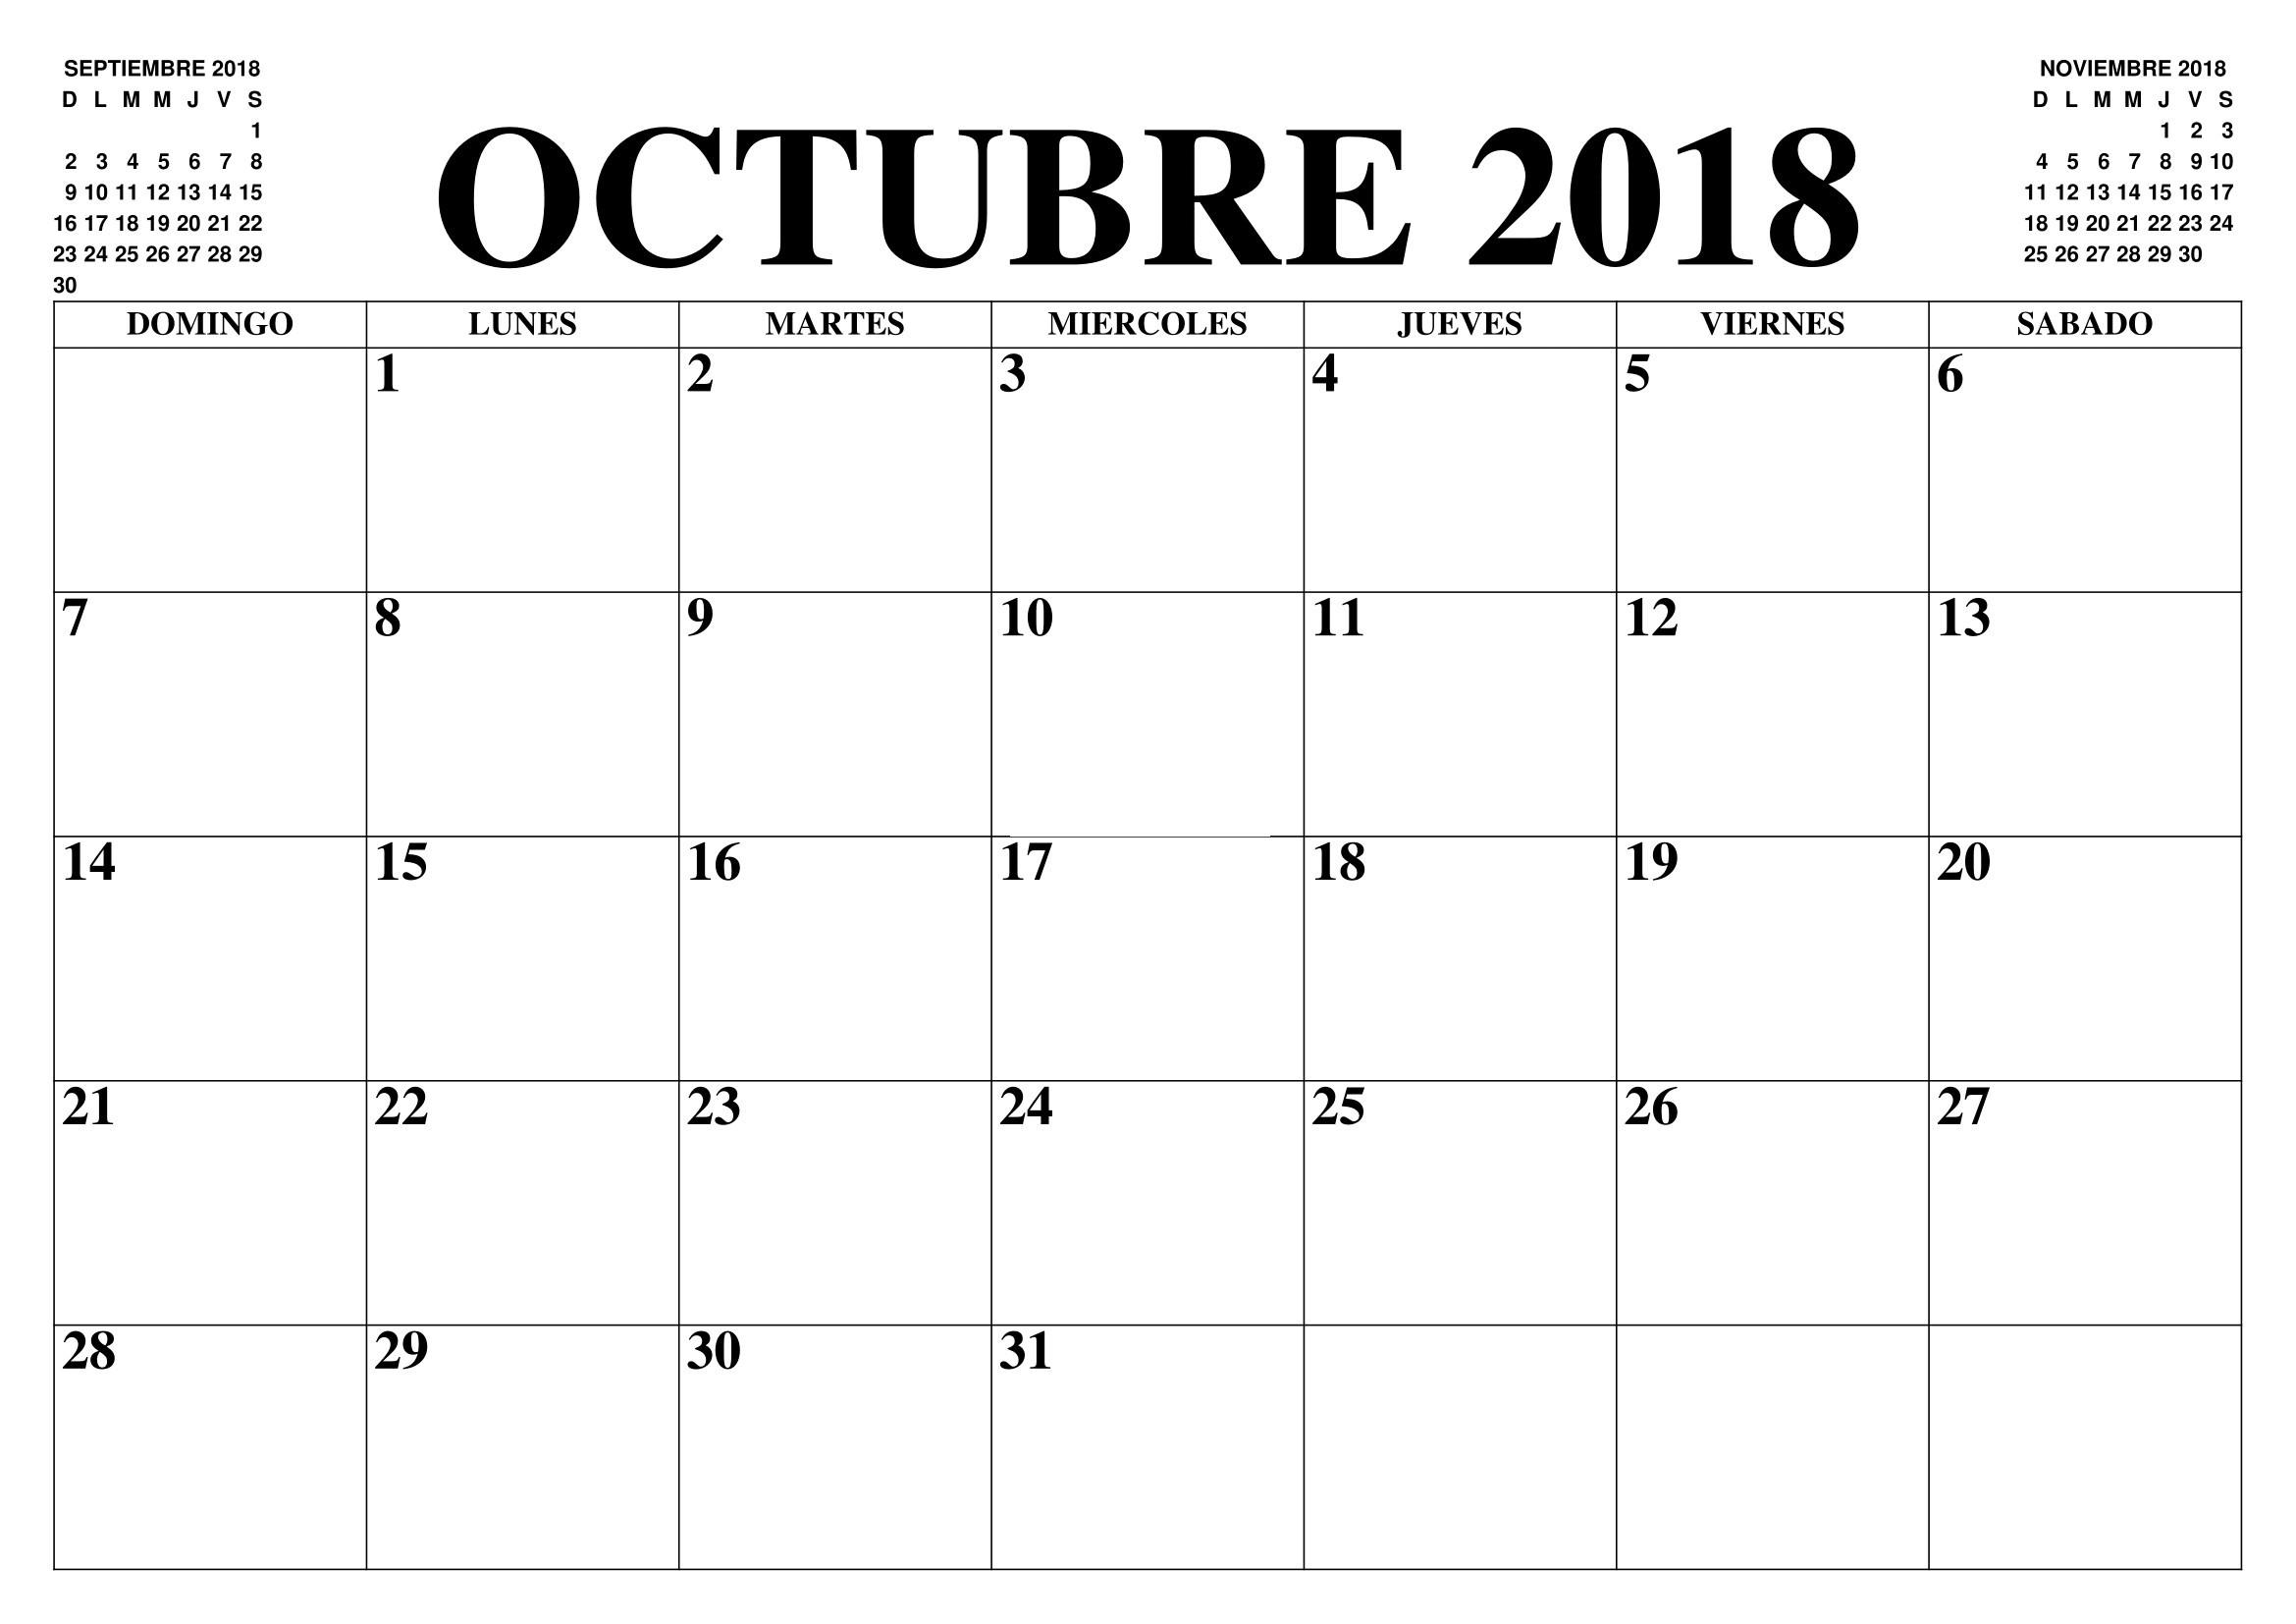 calendario febrero 2018 con dibujos recientes best calendario mes de octubre y noviembre 2018 image collection of calendario febrero 2018 con dibujos